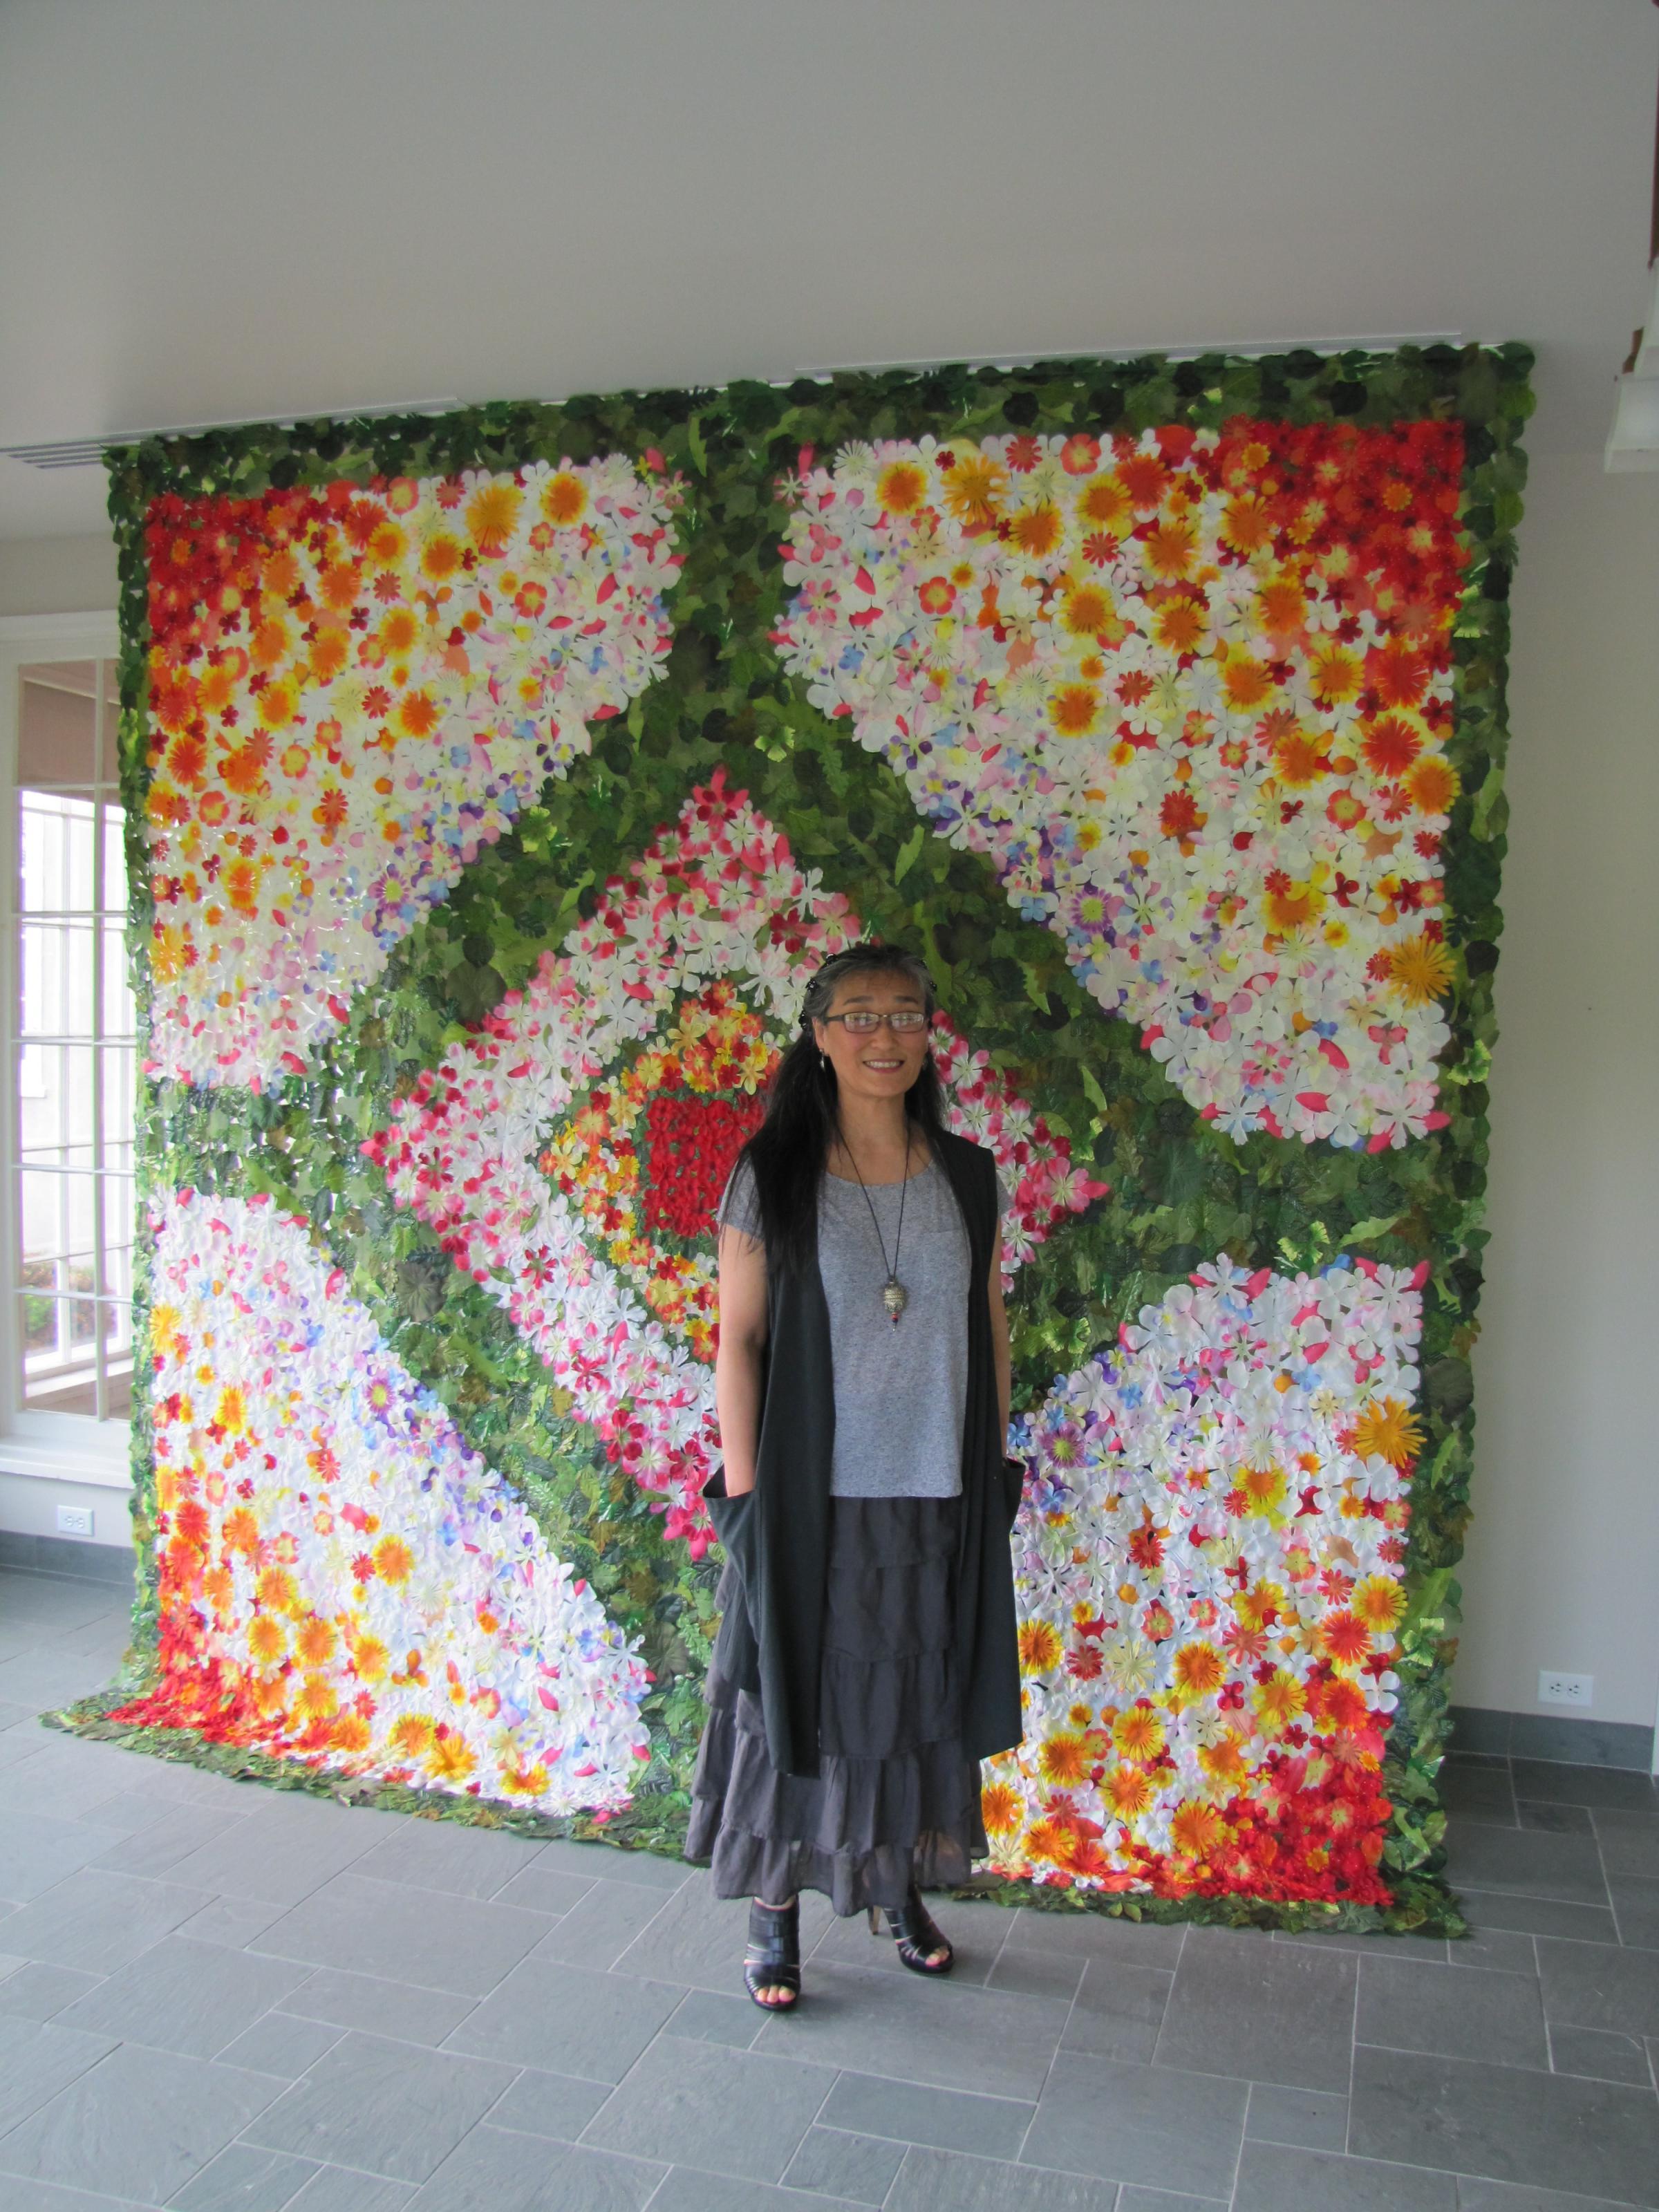 Fiber Artist Folds Nature Into Lynden Sculpture Garden